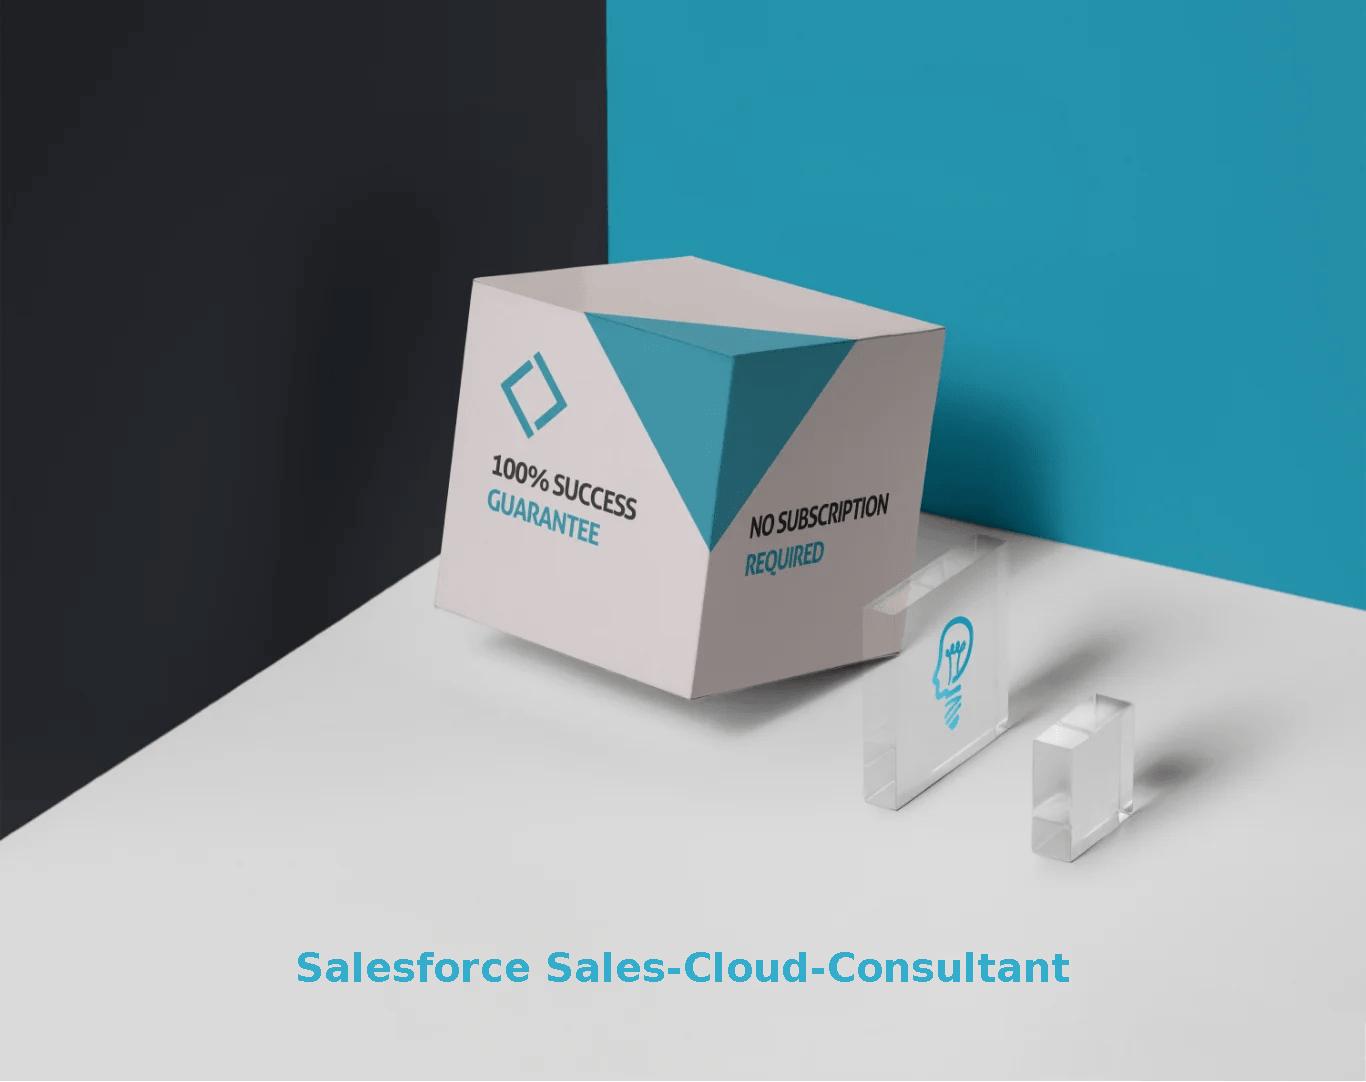 Sales-Cloud-Consultant Dumps